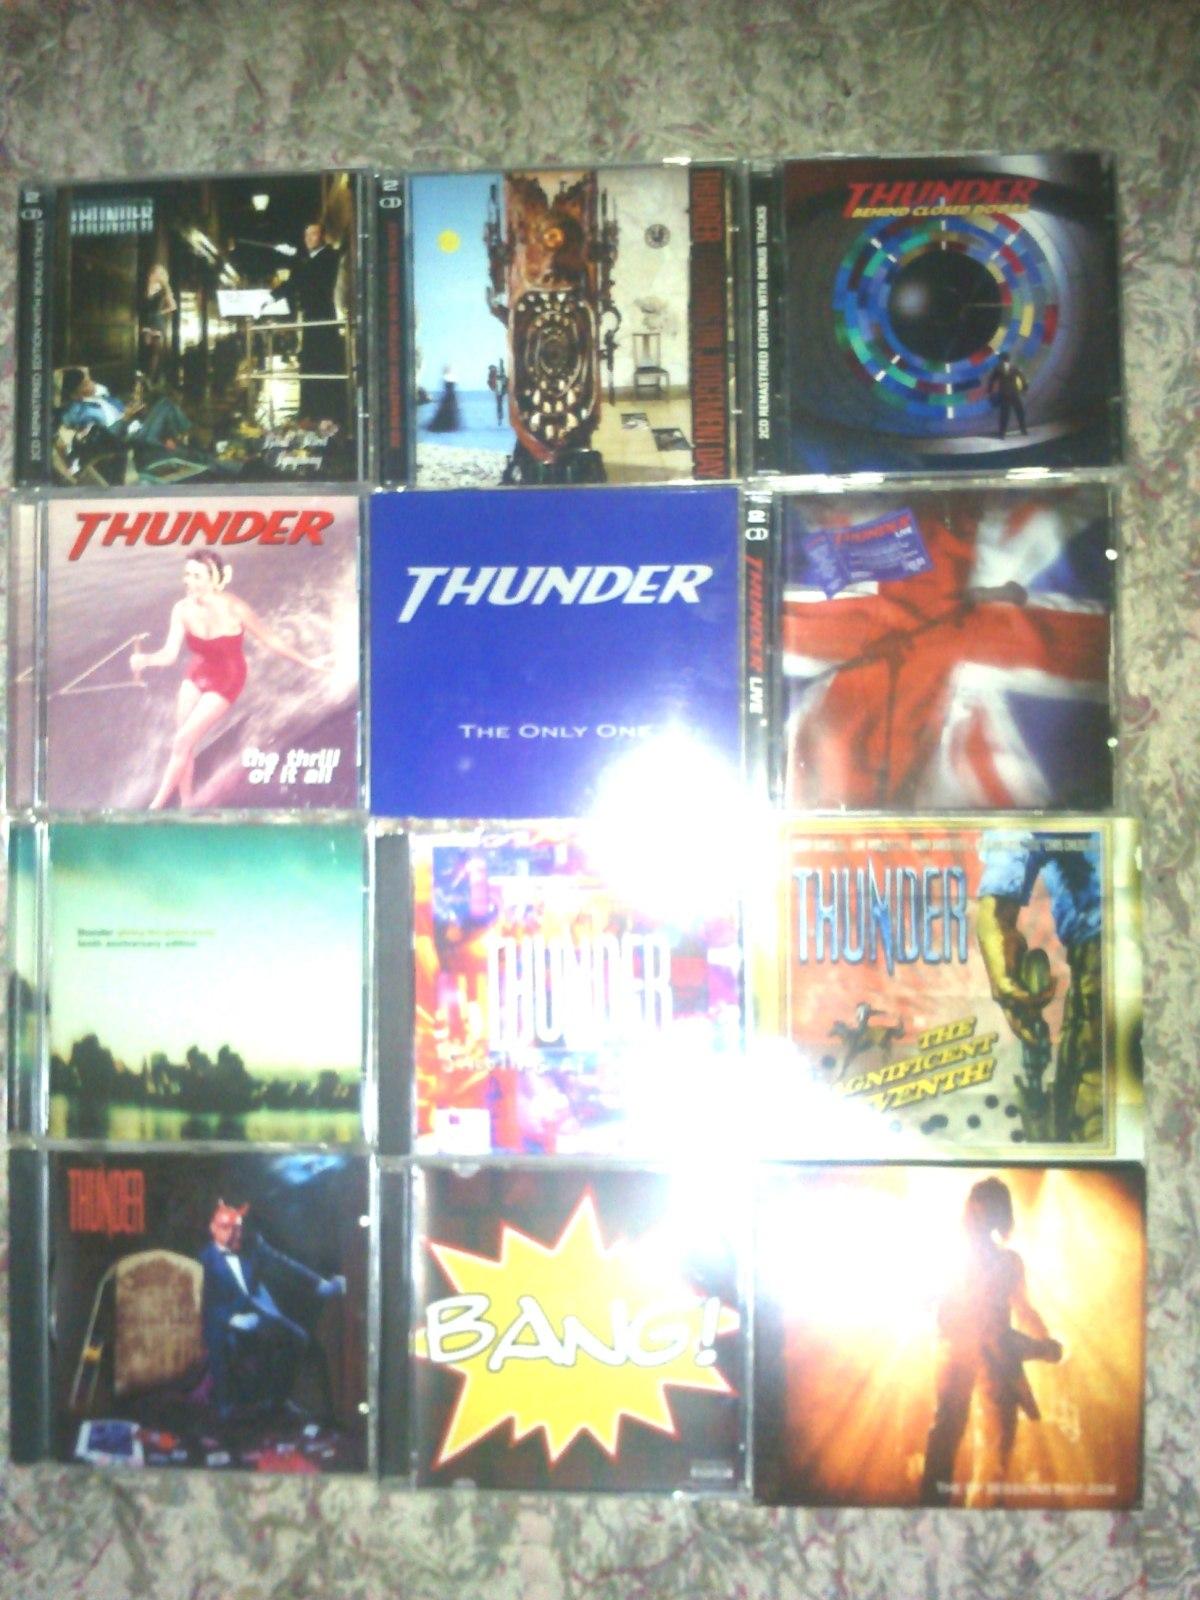 ¿A alguien le gustan los Thunder? - Página 11 50jksm